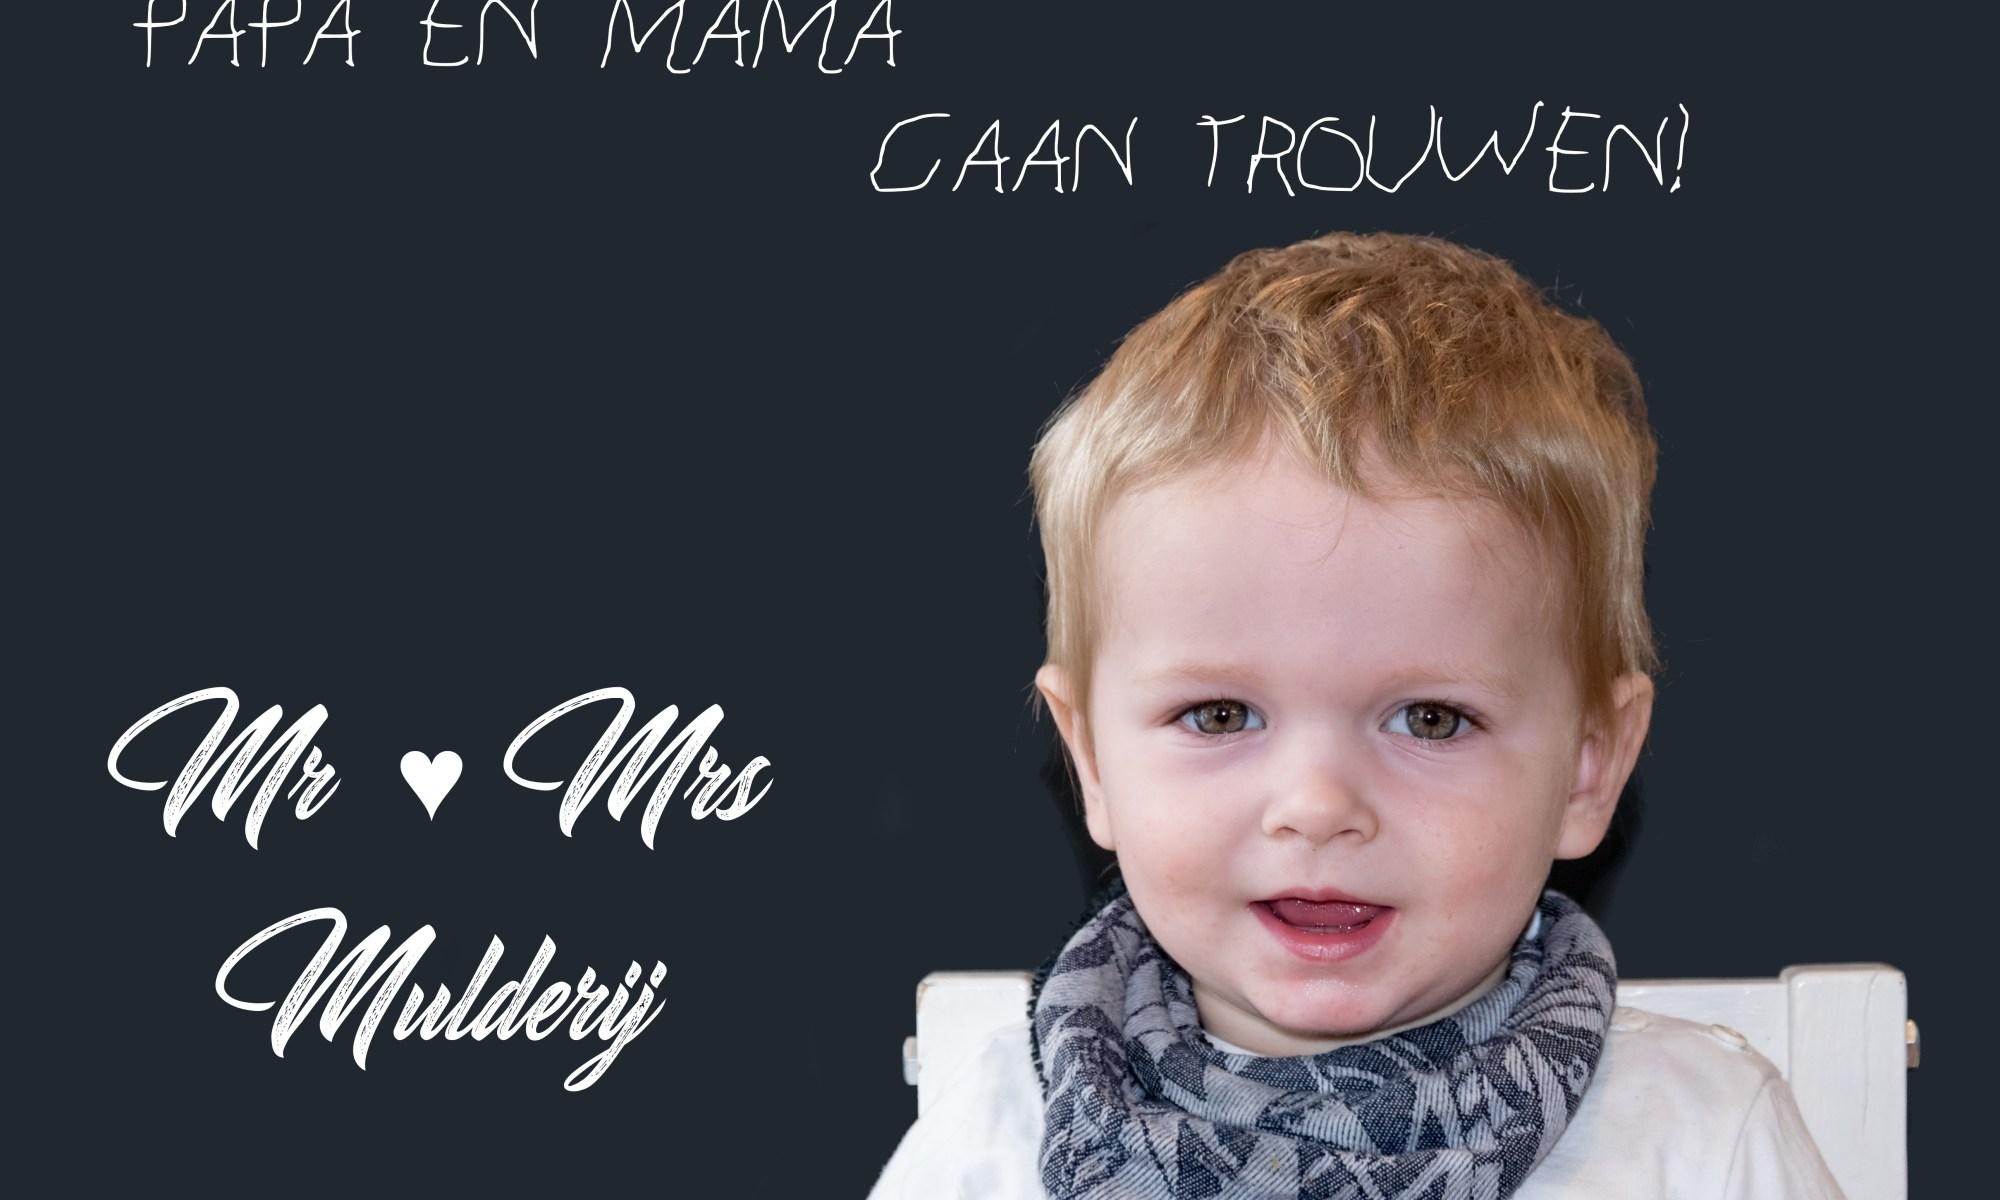 Papa en mama gaan trouwen - Mr & Mrs Mulderij